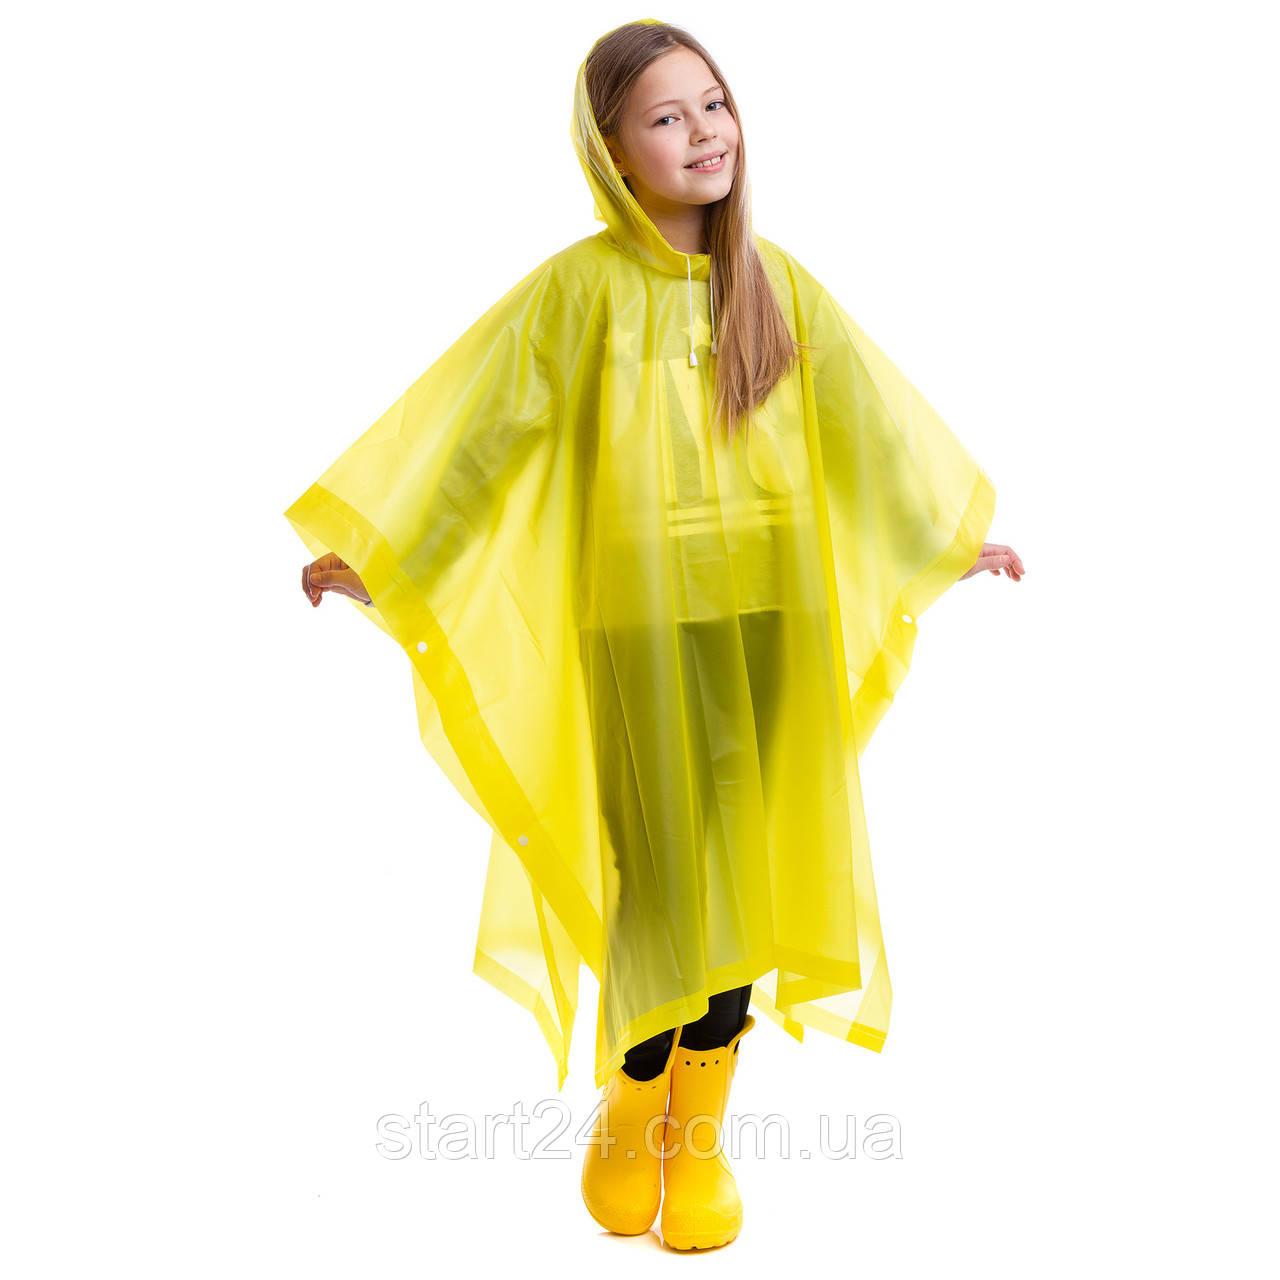 Дощовик дитячий Пончо багаторазовий C-1020 (EVA, зріст 120-160см, кольори в асортименті)